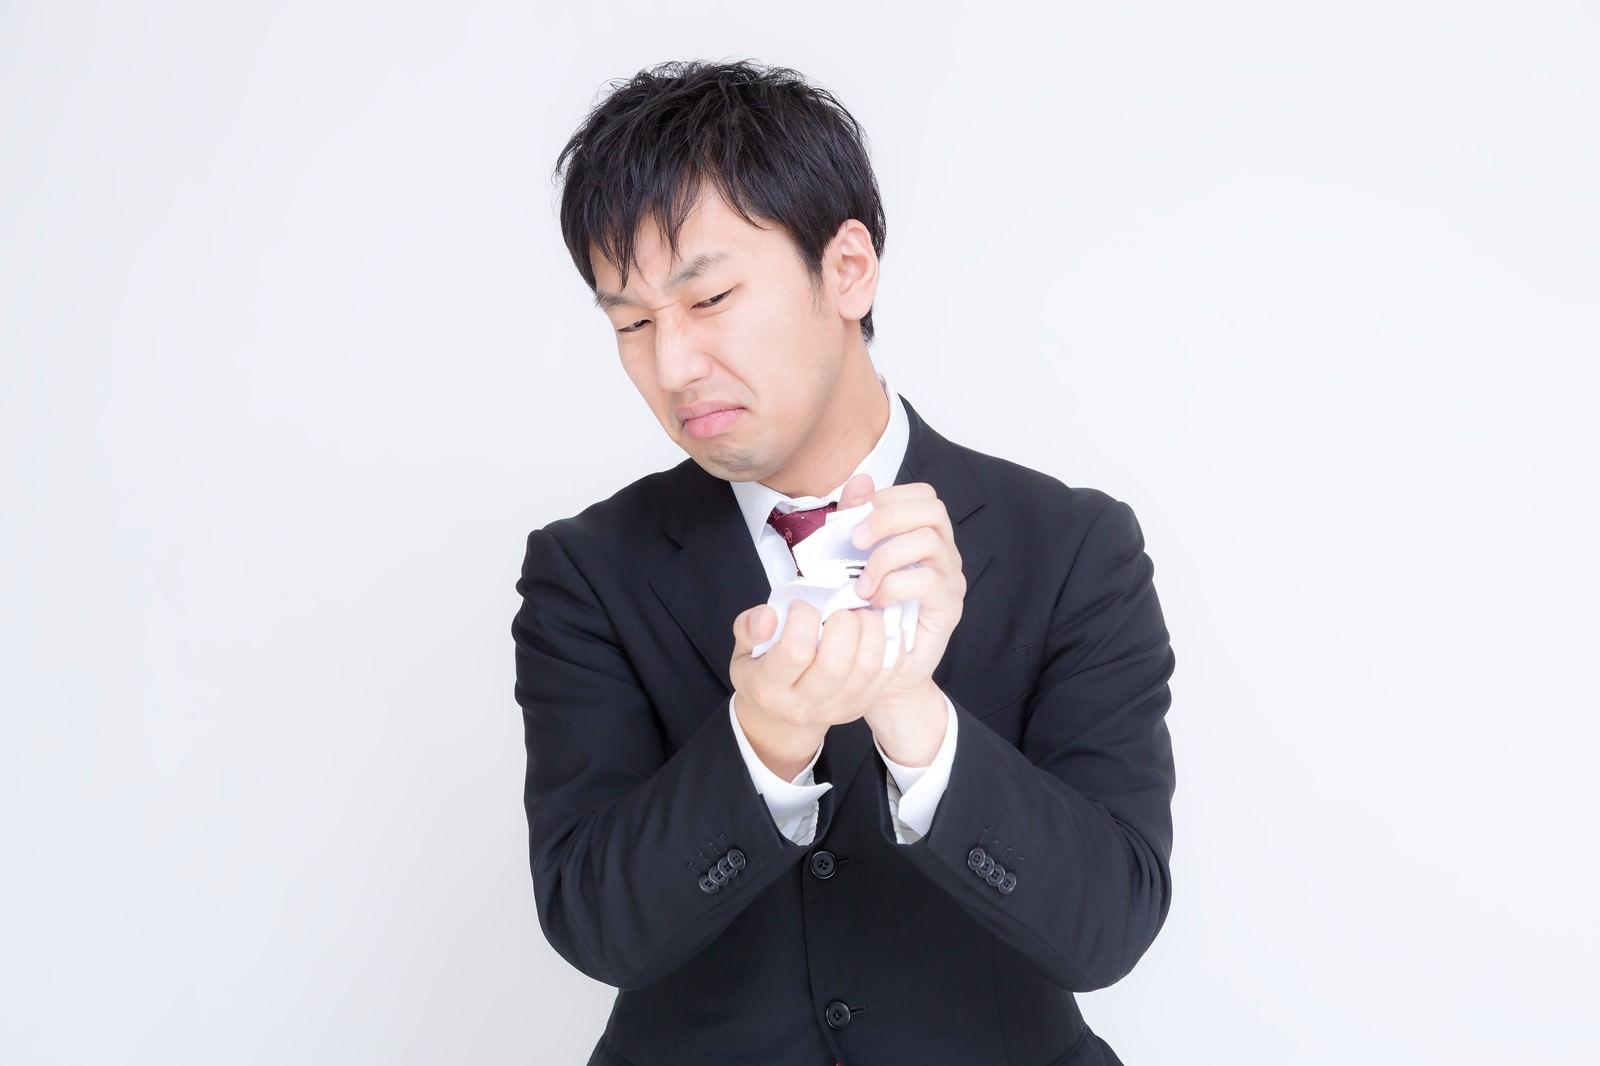 「紙屑を丸めるサラリーマン」の写真[モデル:大川竜弥]